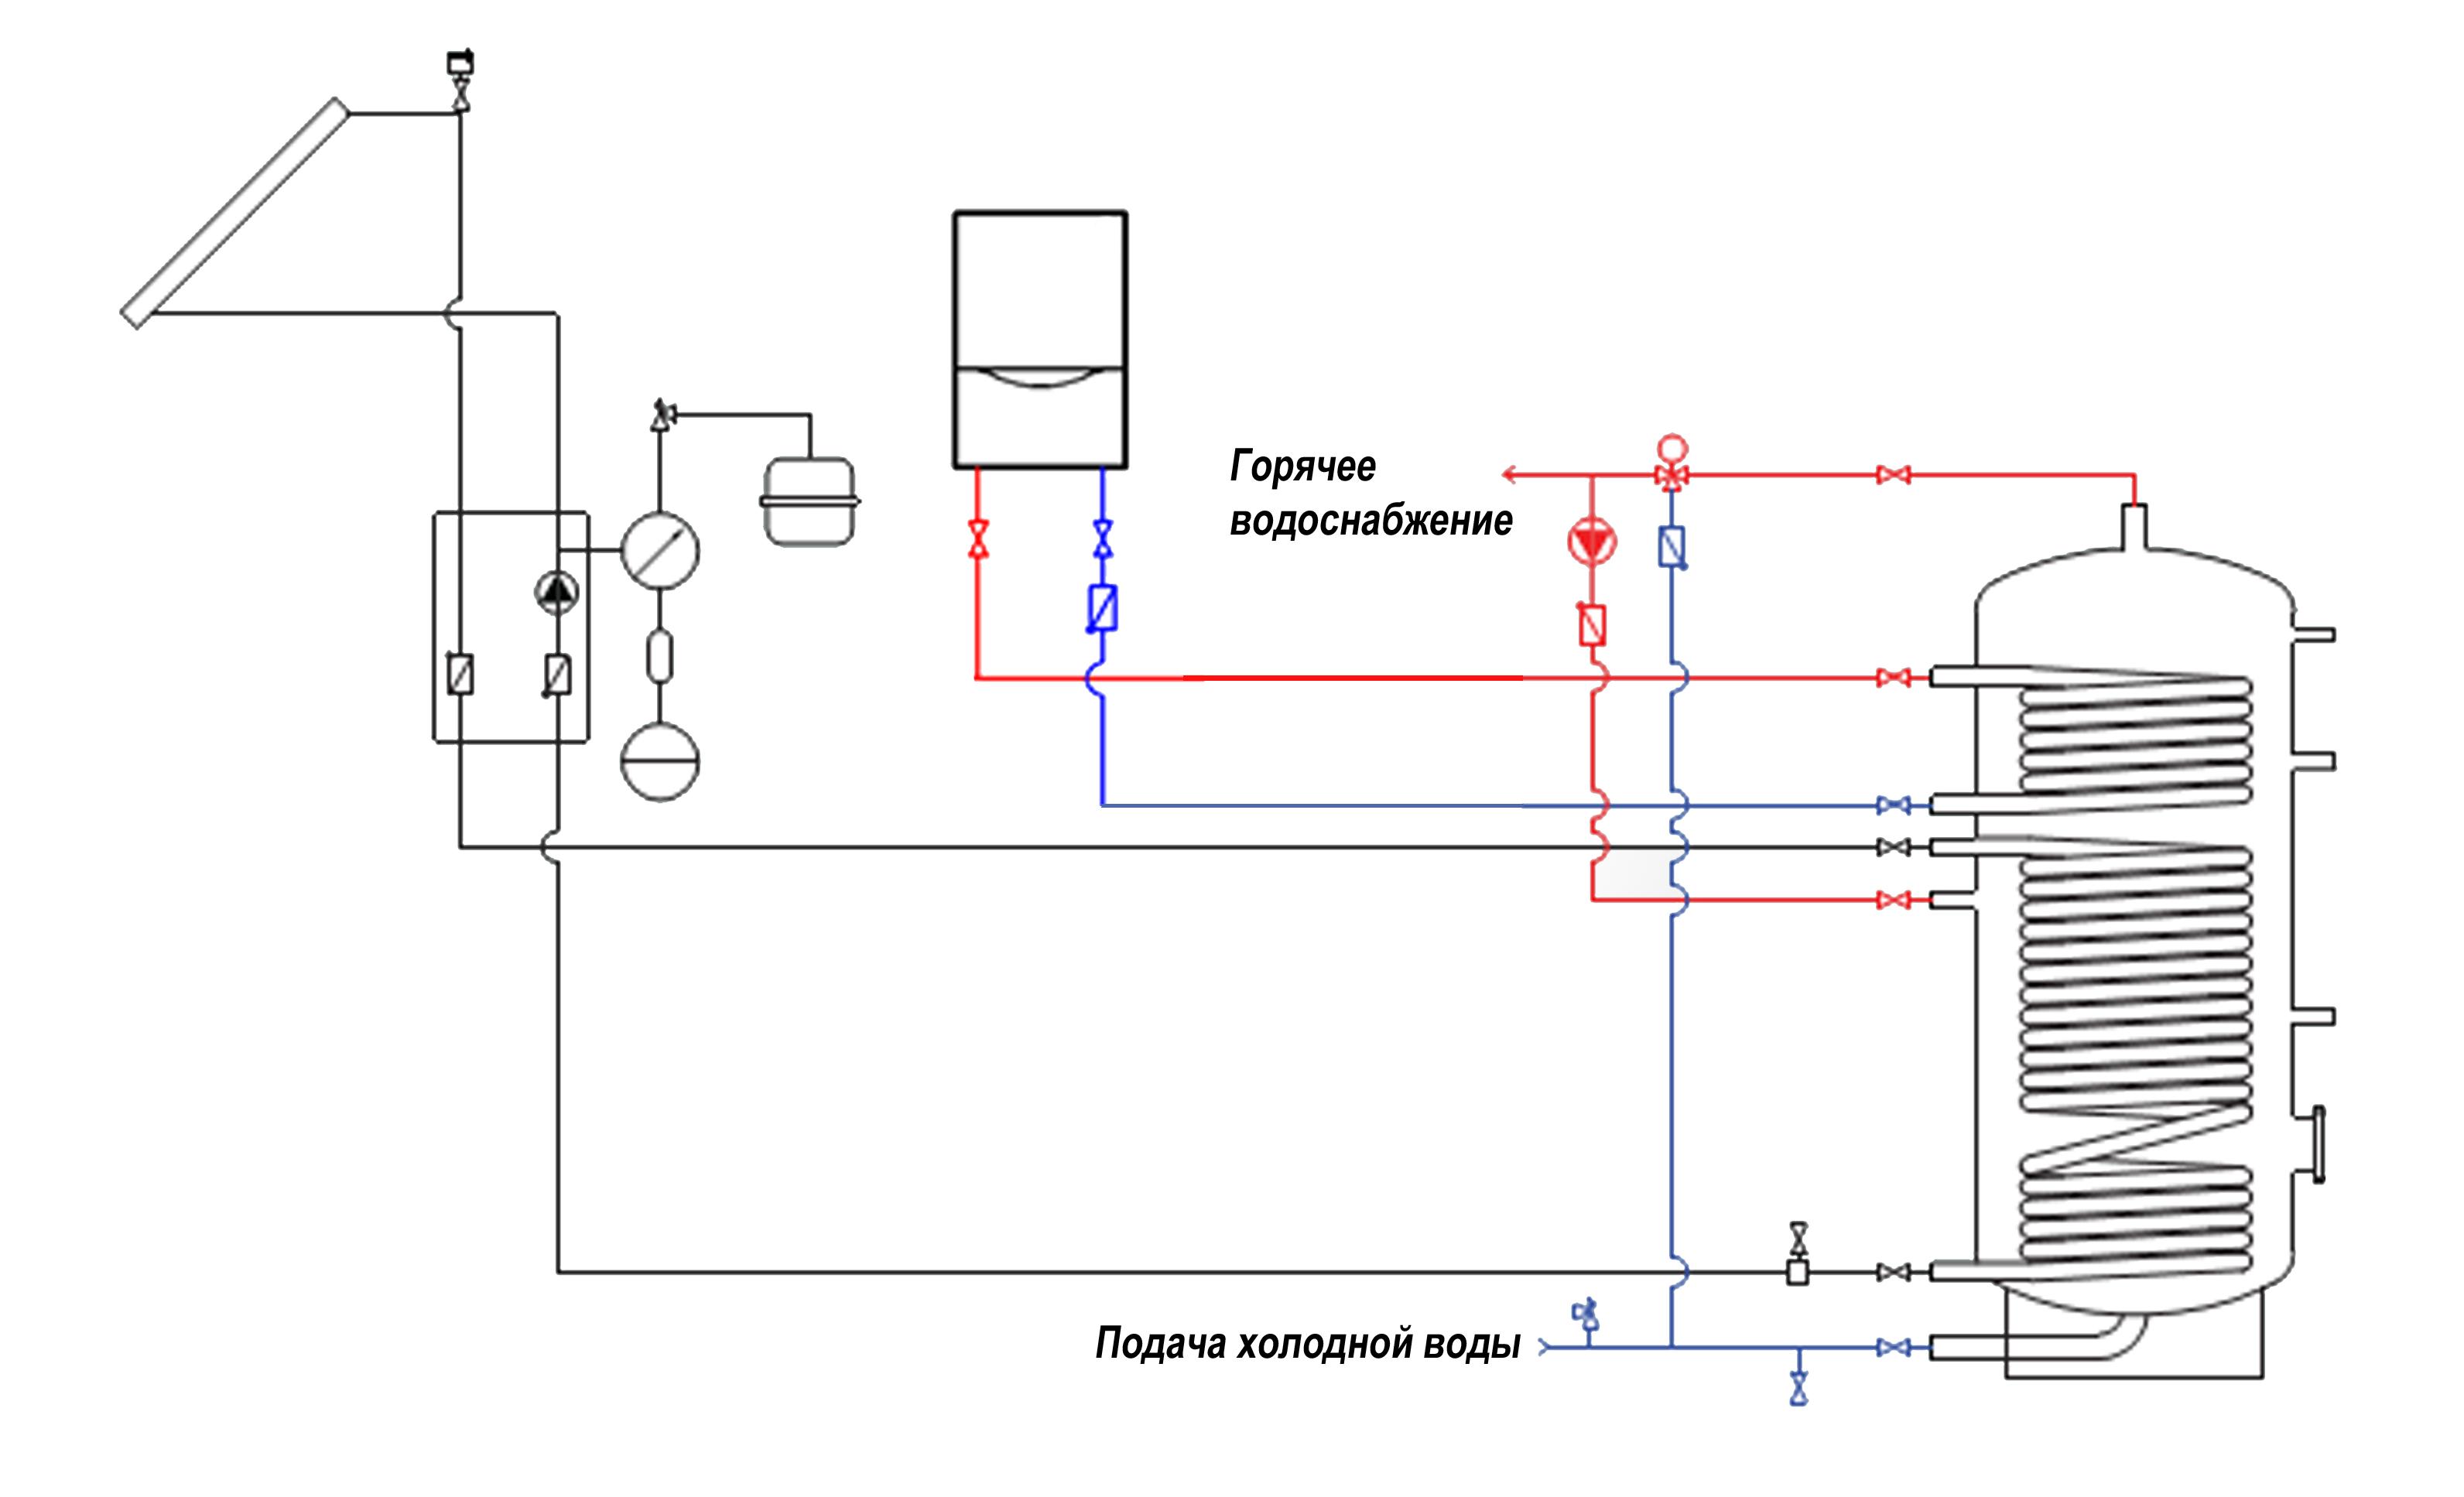 Электрические теплообменники для воды на 10 душей отопительная печь-камин - бавария с варочной плитой и теплообменником